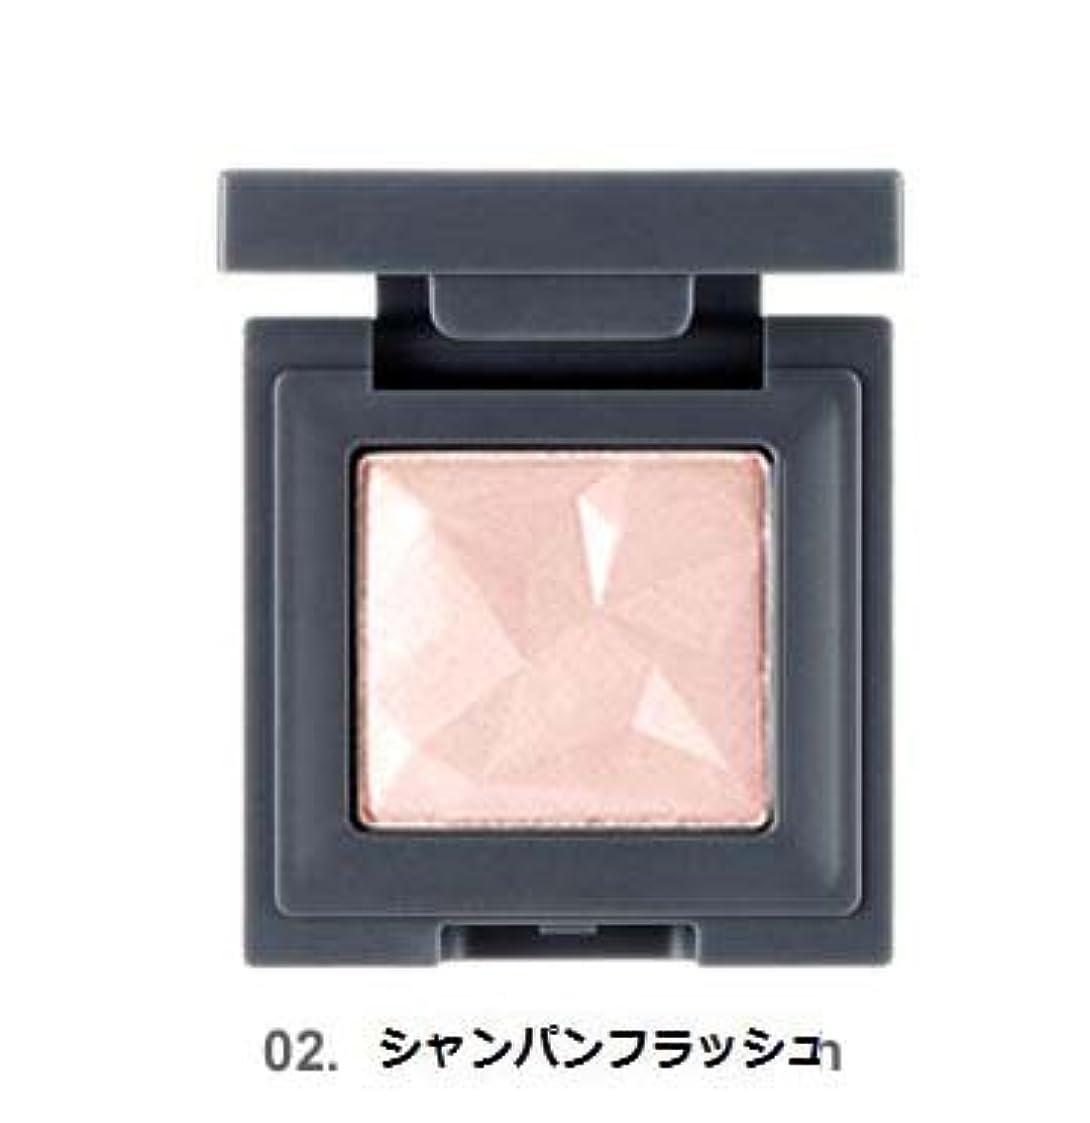 一族ロマンス二年生[ザ?フェイスショップ] THE FACE SHOP [プリズム キューブ アイシャドウ 12カラー] (Prism Cube Eye Shadow 1.8g - 12 shades) [海外直送品] (02. シャンパンフラッシュ)